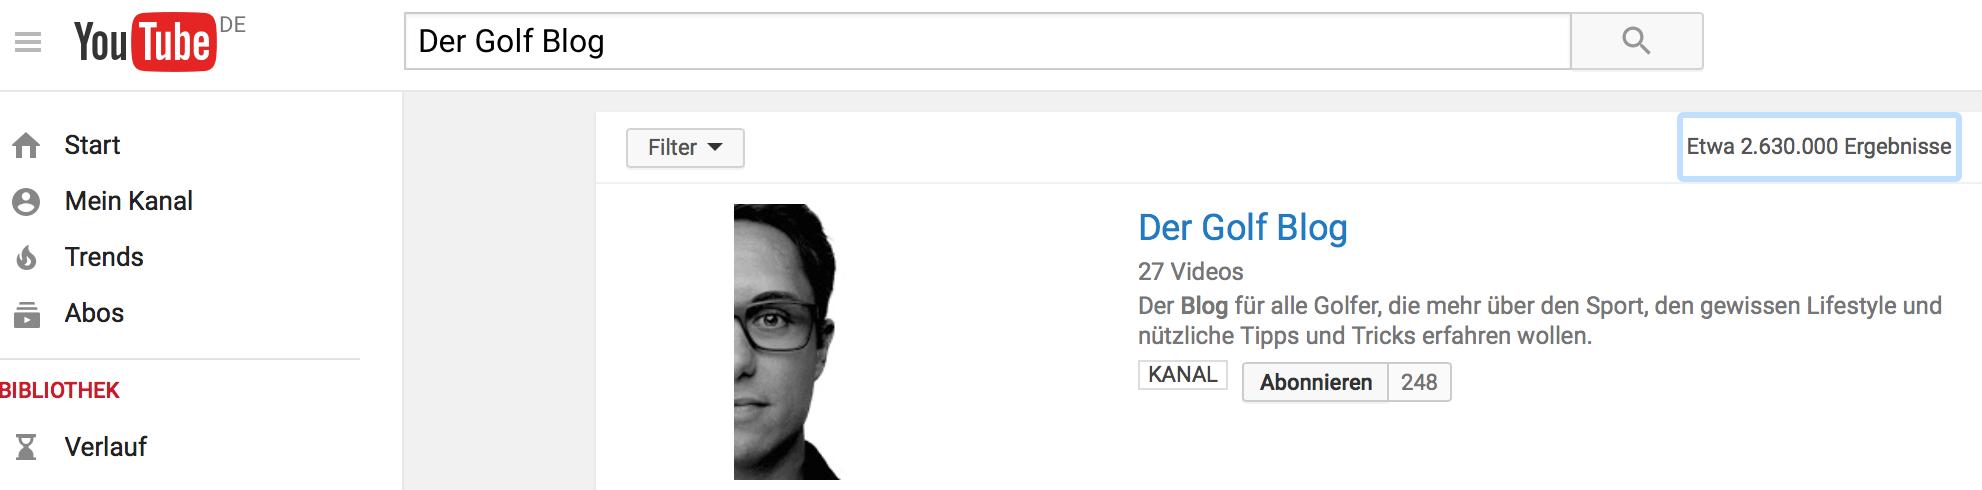 YouTube und die Golfblogger